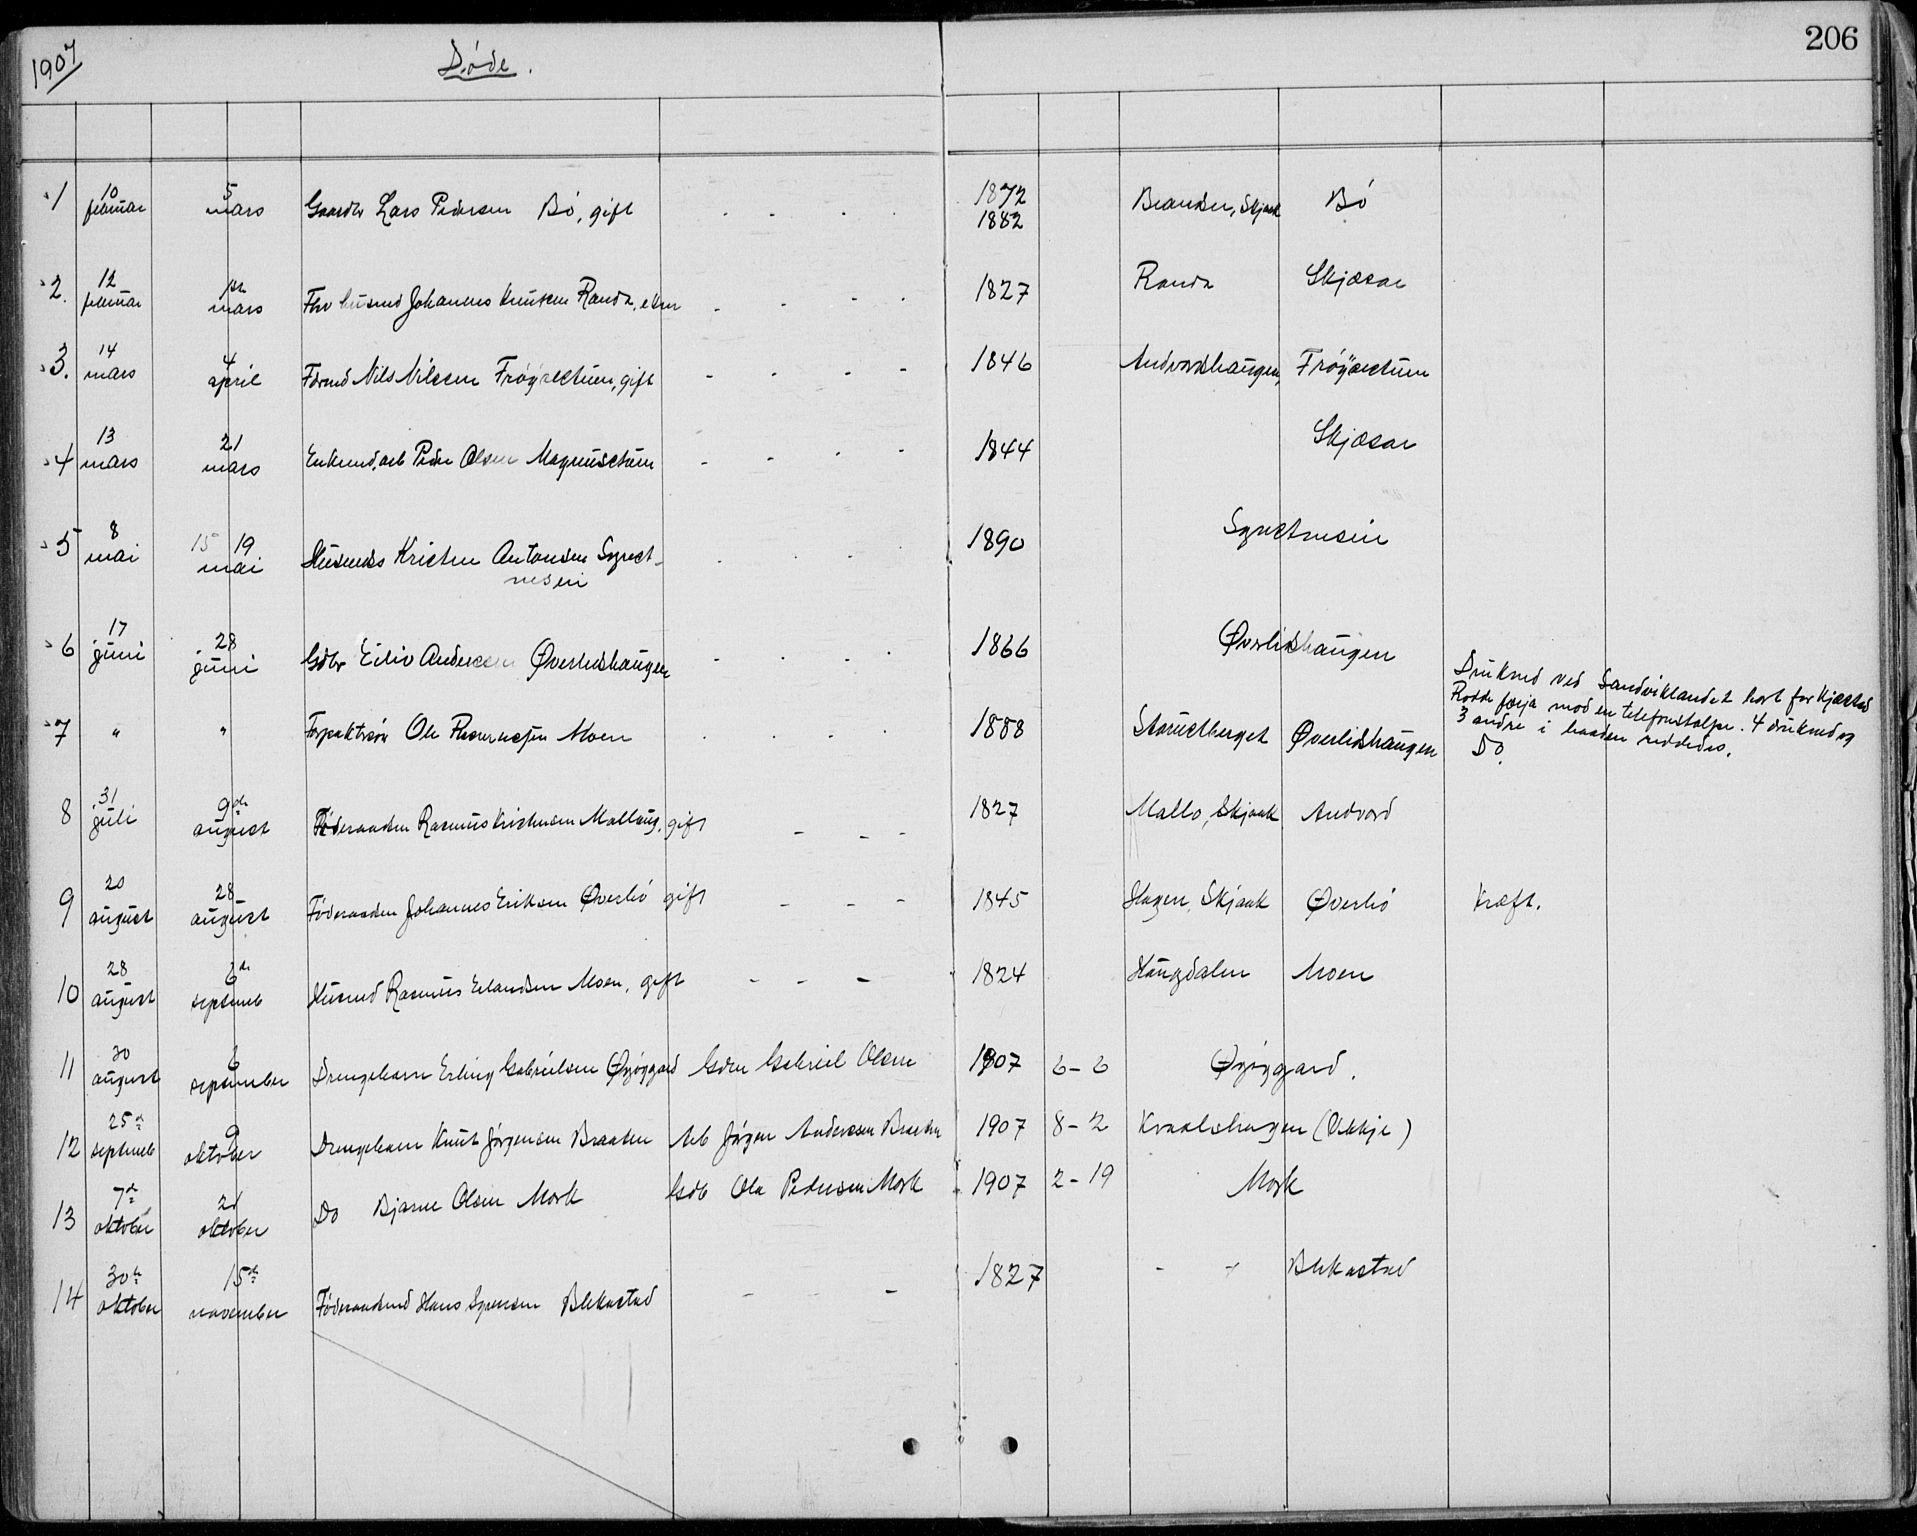 SAH, Lom prestekontor, L/L0013: Klokkerbok nr. 13, 1874-1938, s. 206